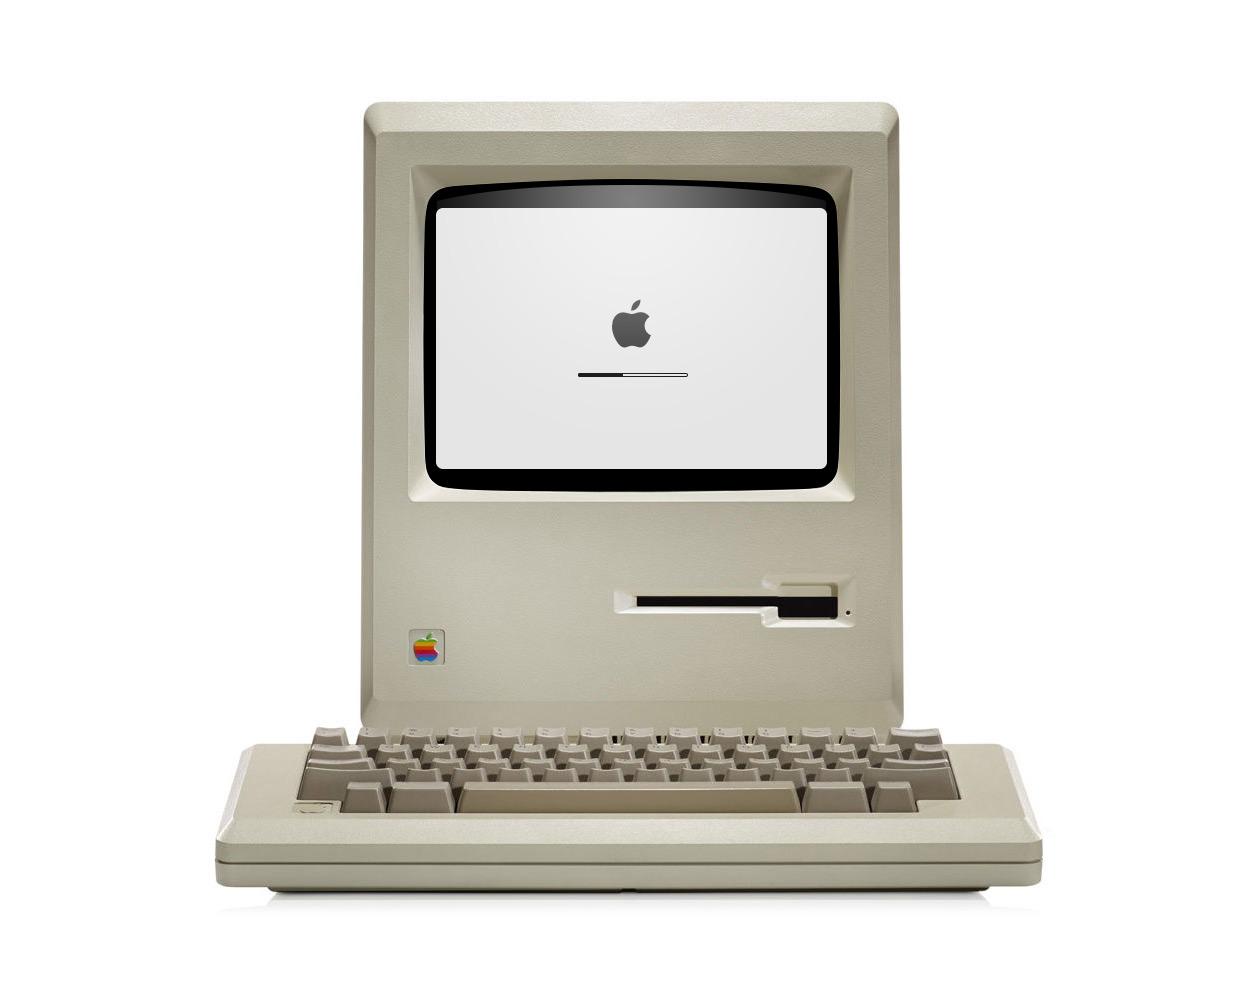 OS X в Retina-разрешении на первом Маке